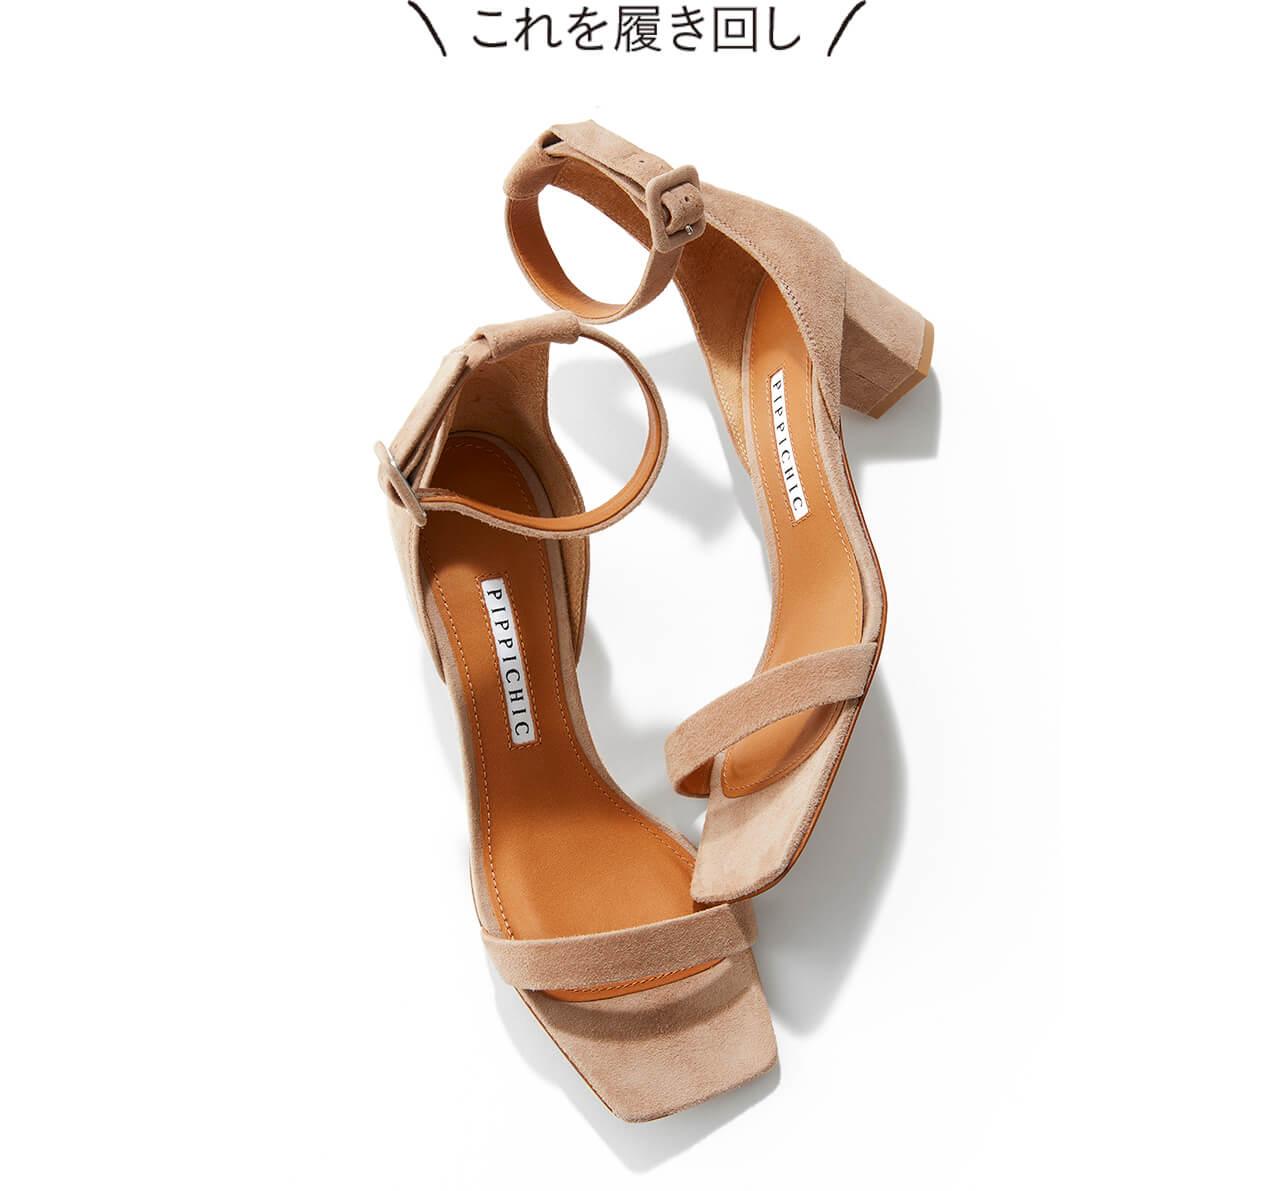 これを履き回し サンダル(5)¥31900/ベイジュ(ピッピシック)